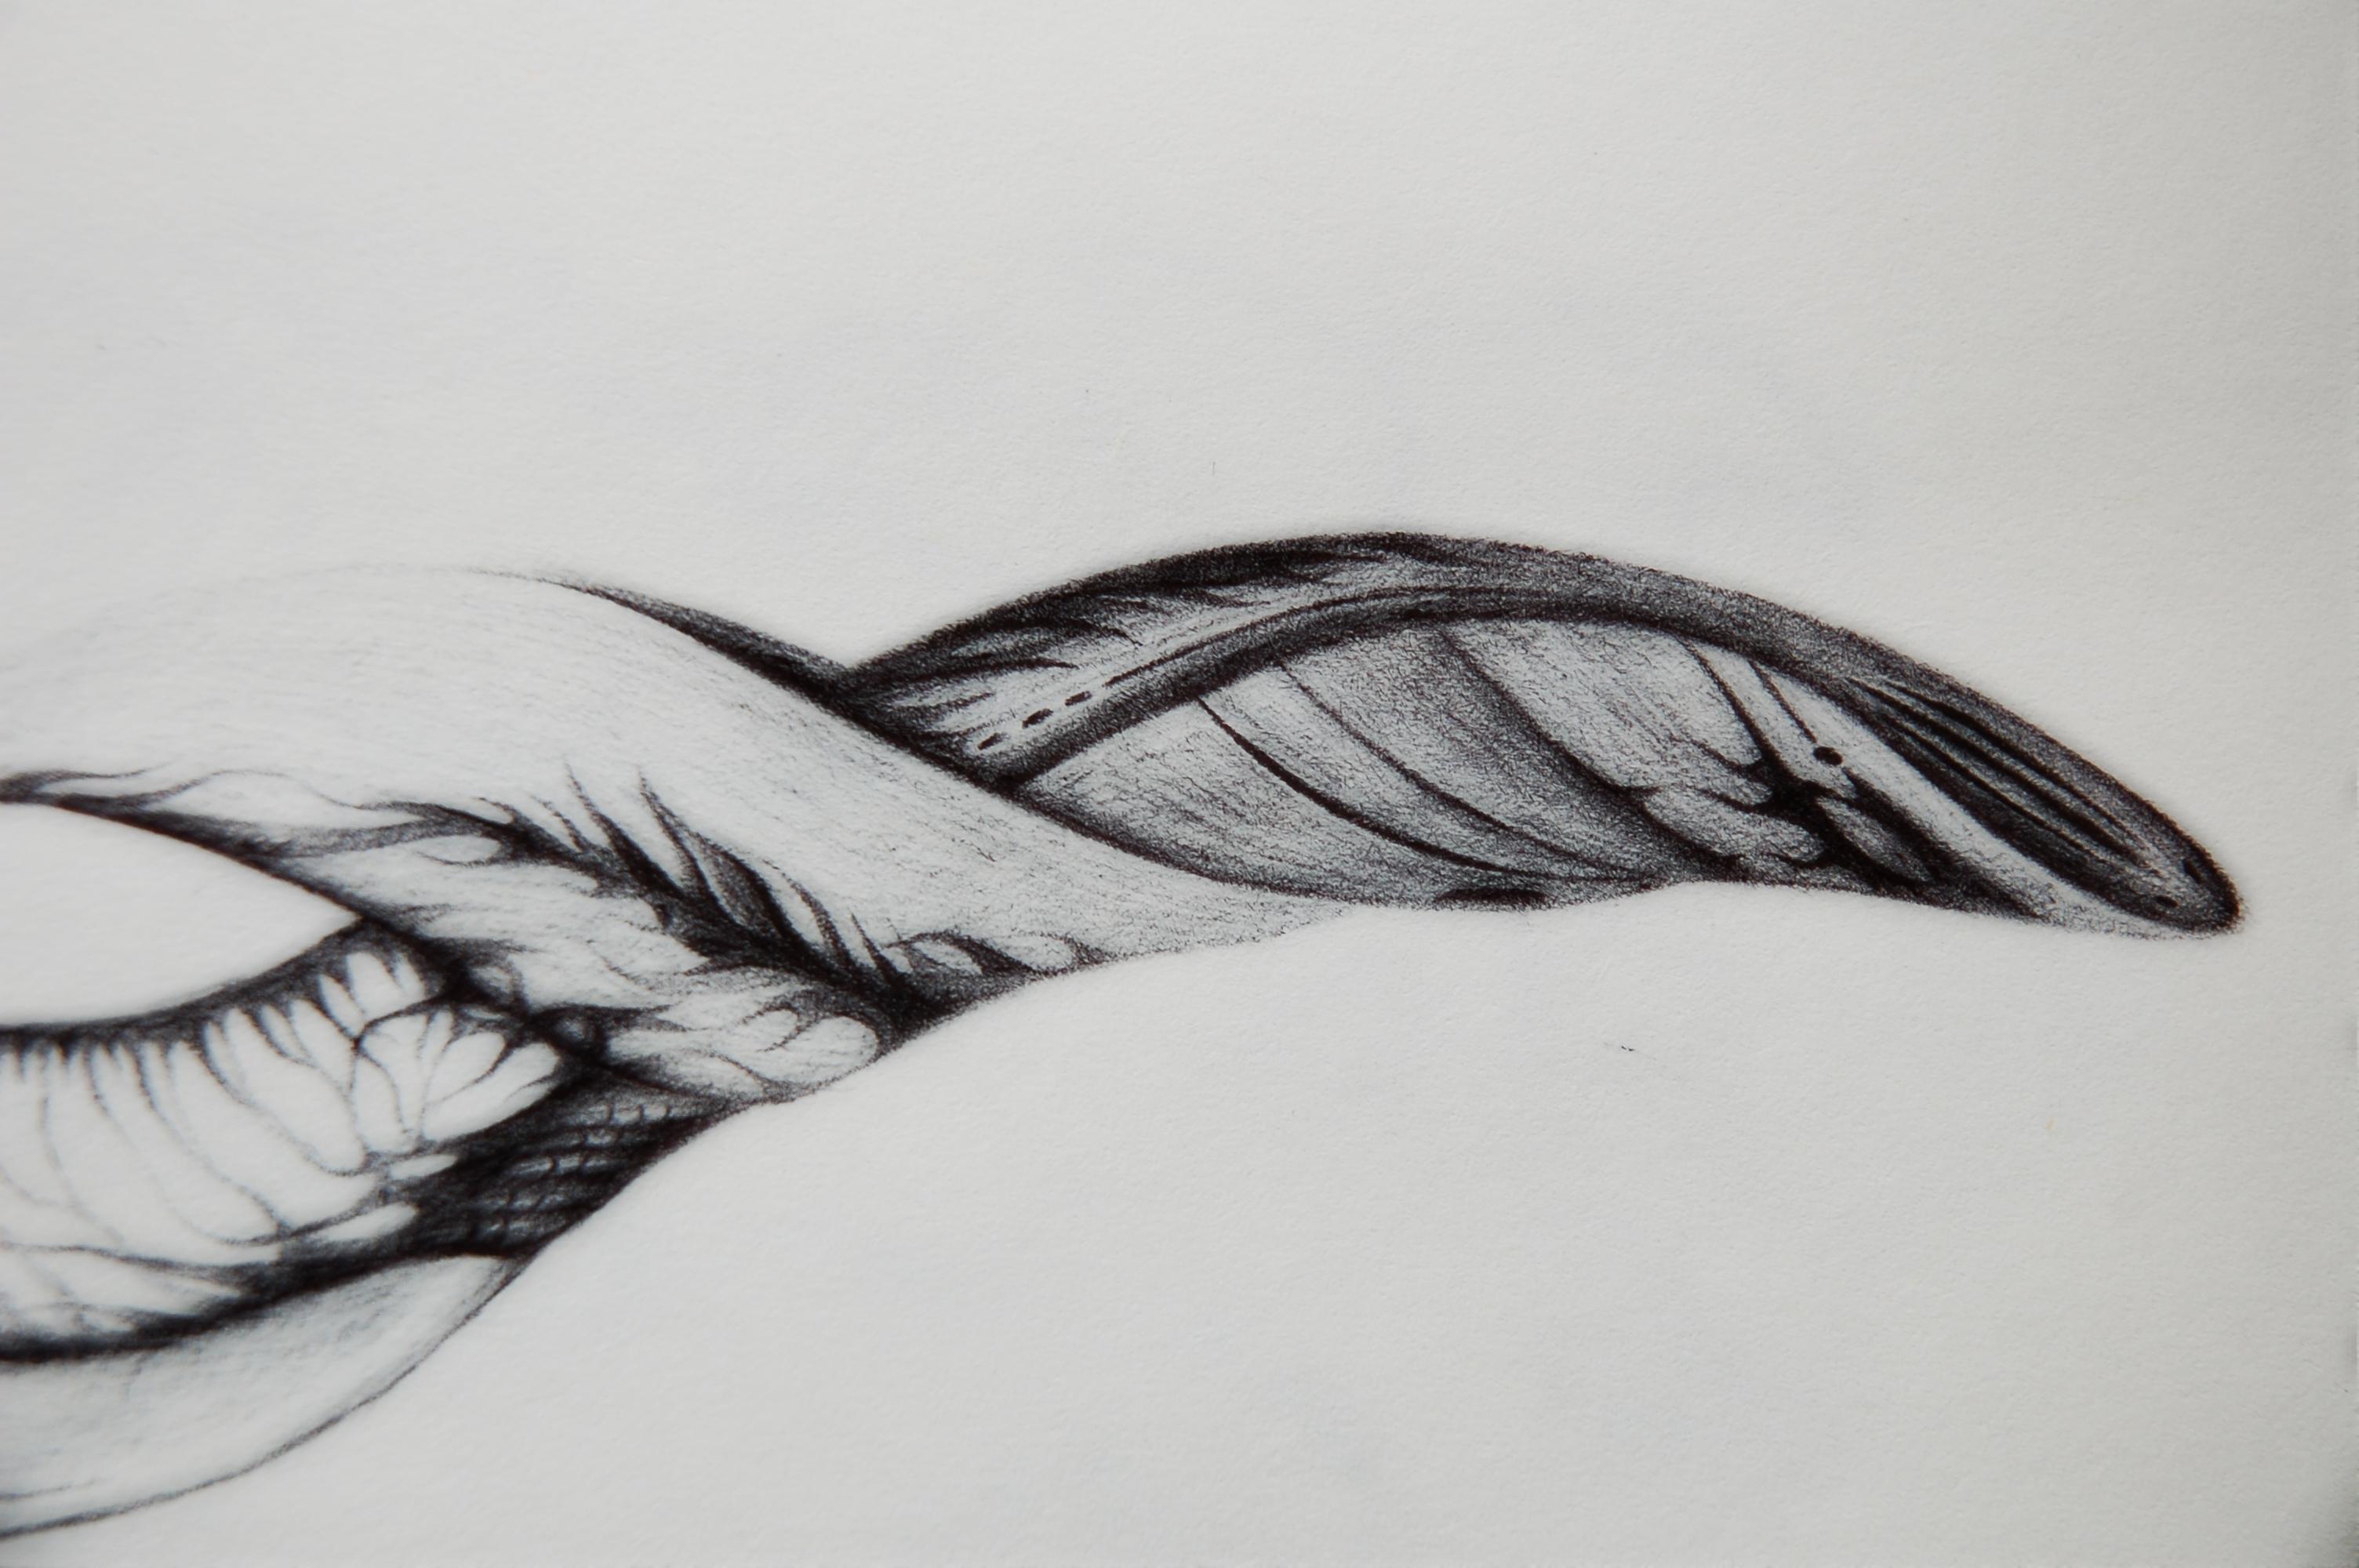 黑圆珠笔手绘(系列1)